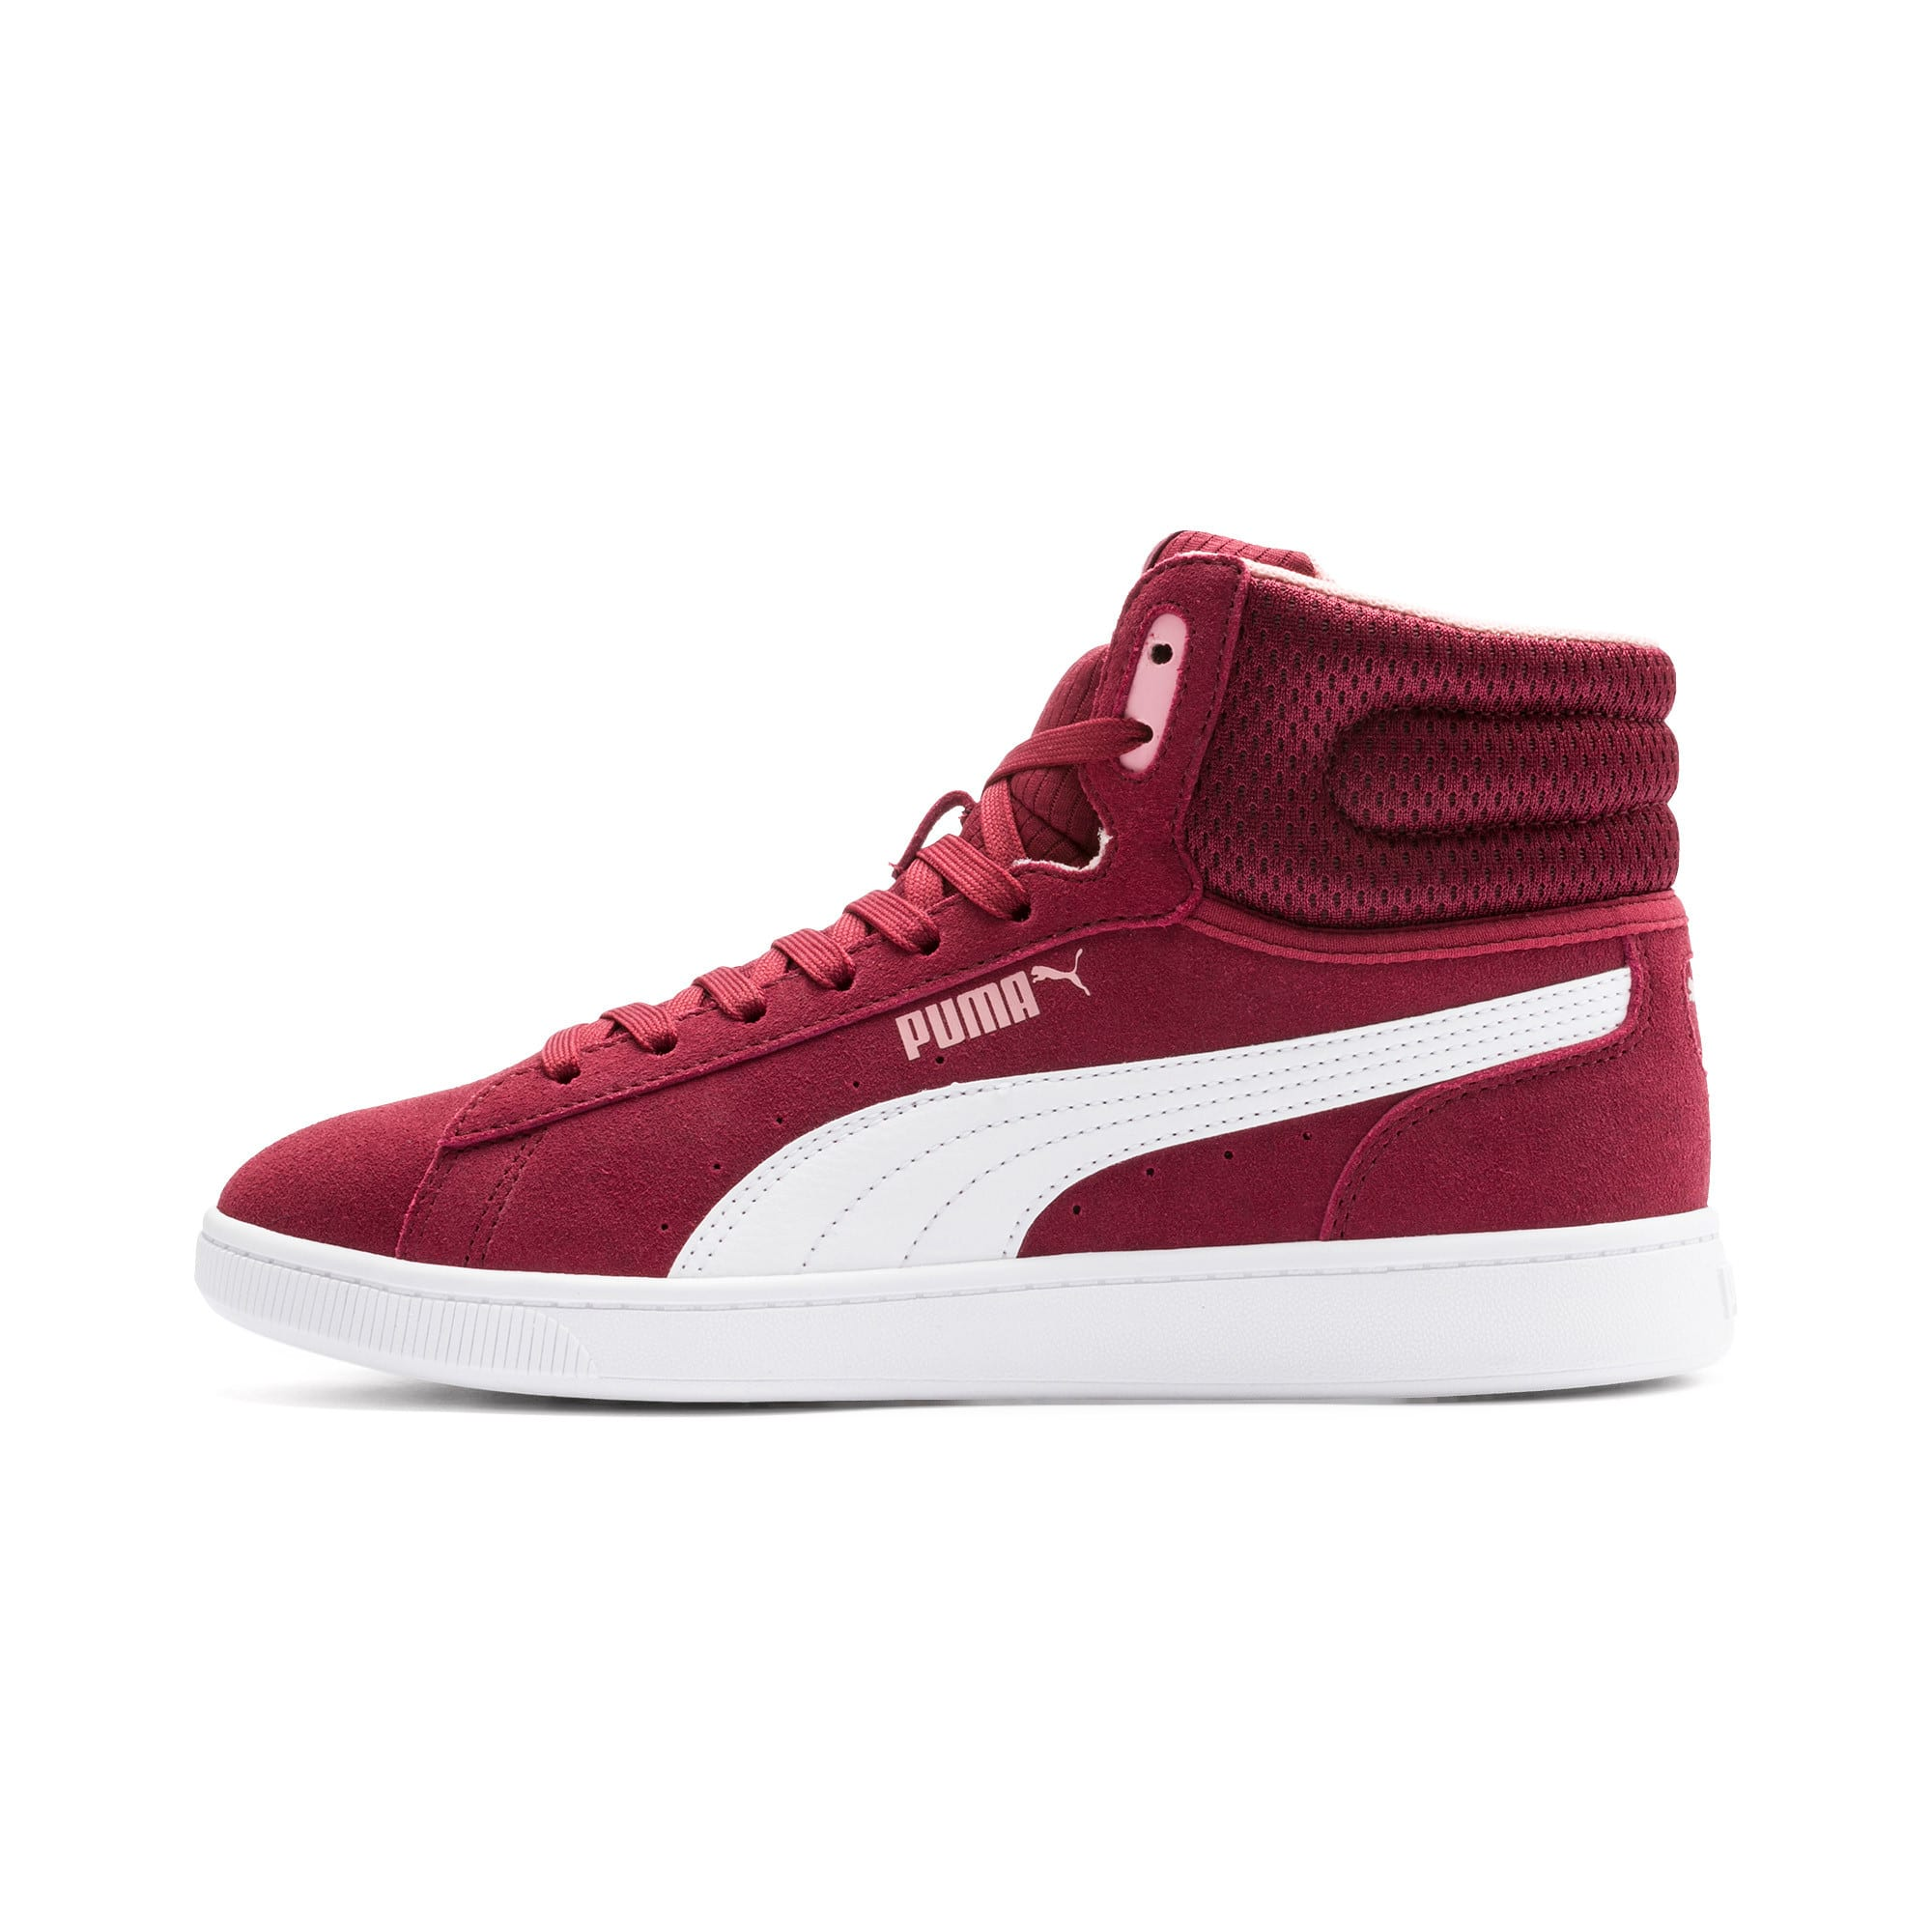 Thumbnail 1 of PUMA Vikky v2 Mid Women's Sneakers, Cordovan-White-Bridal Rose, medium